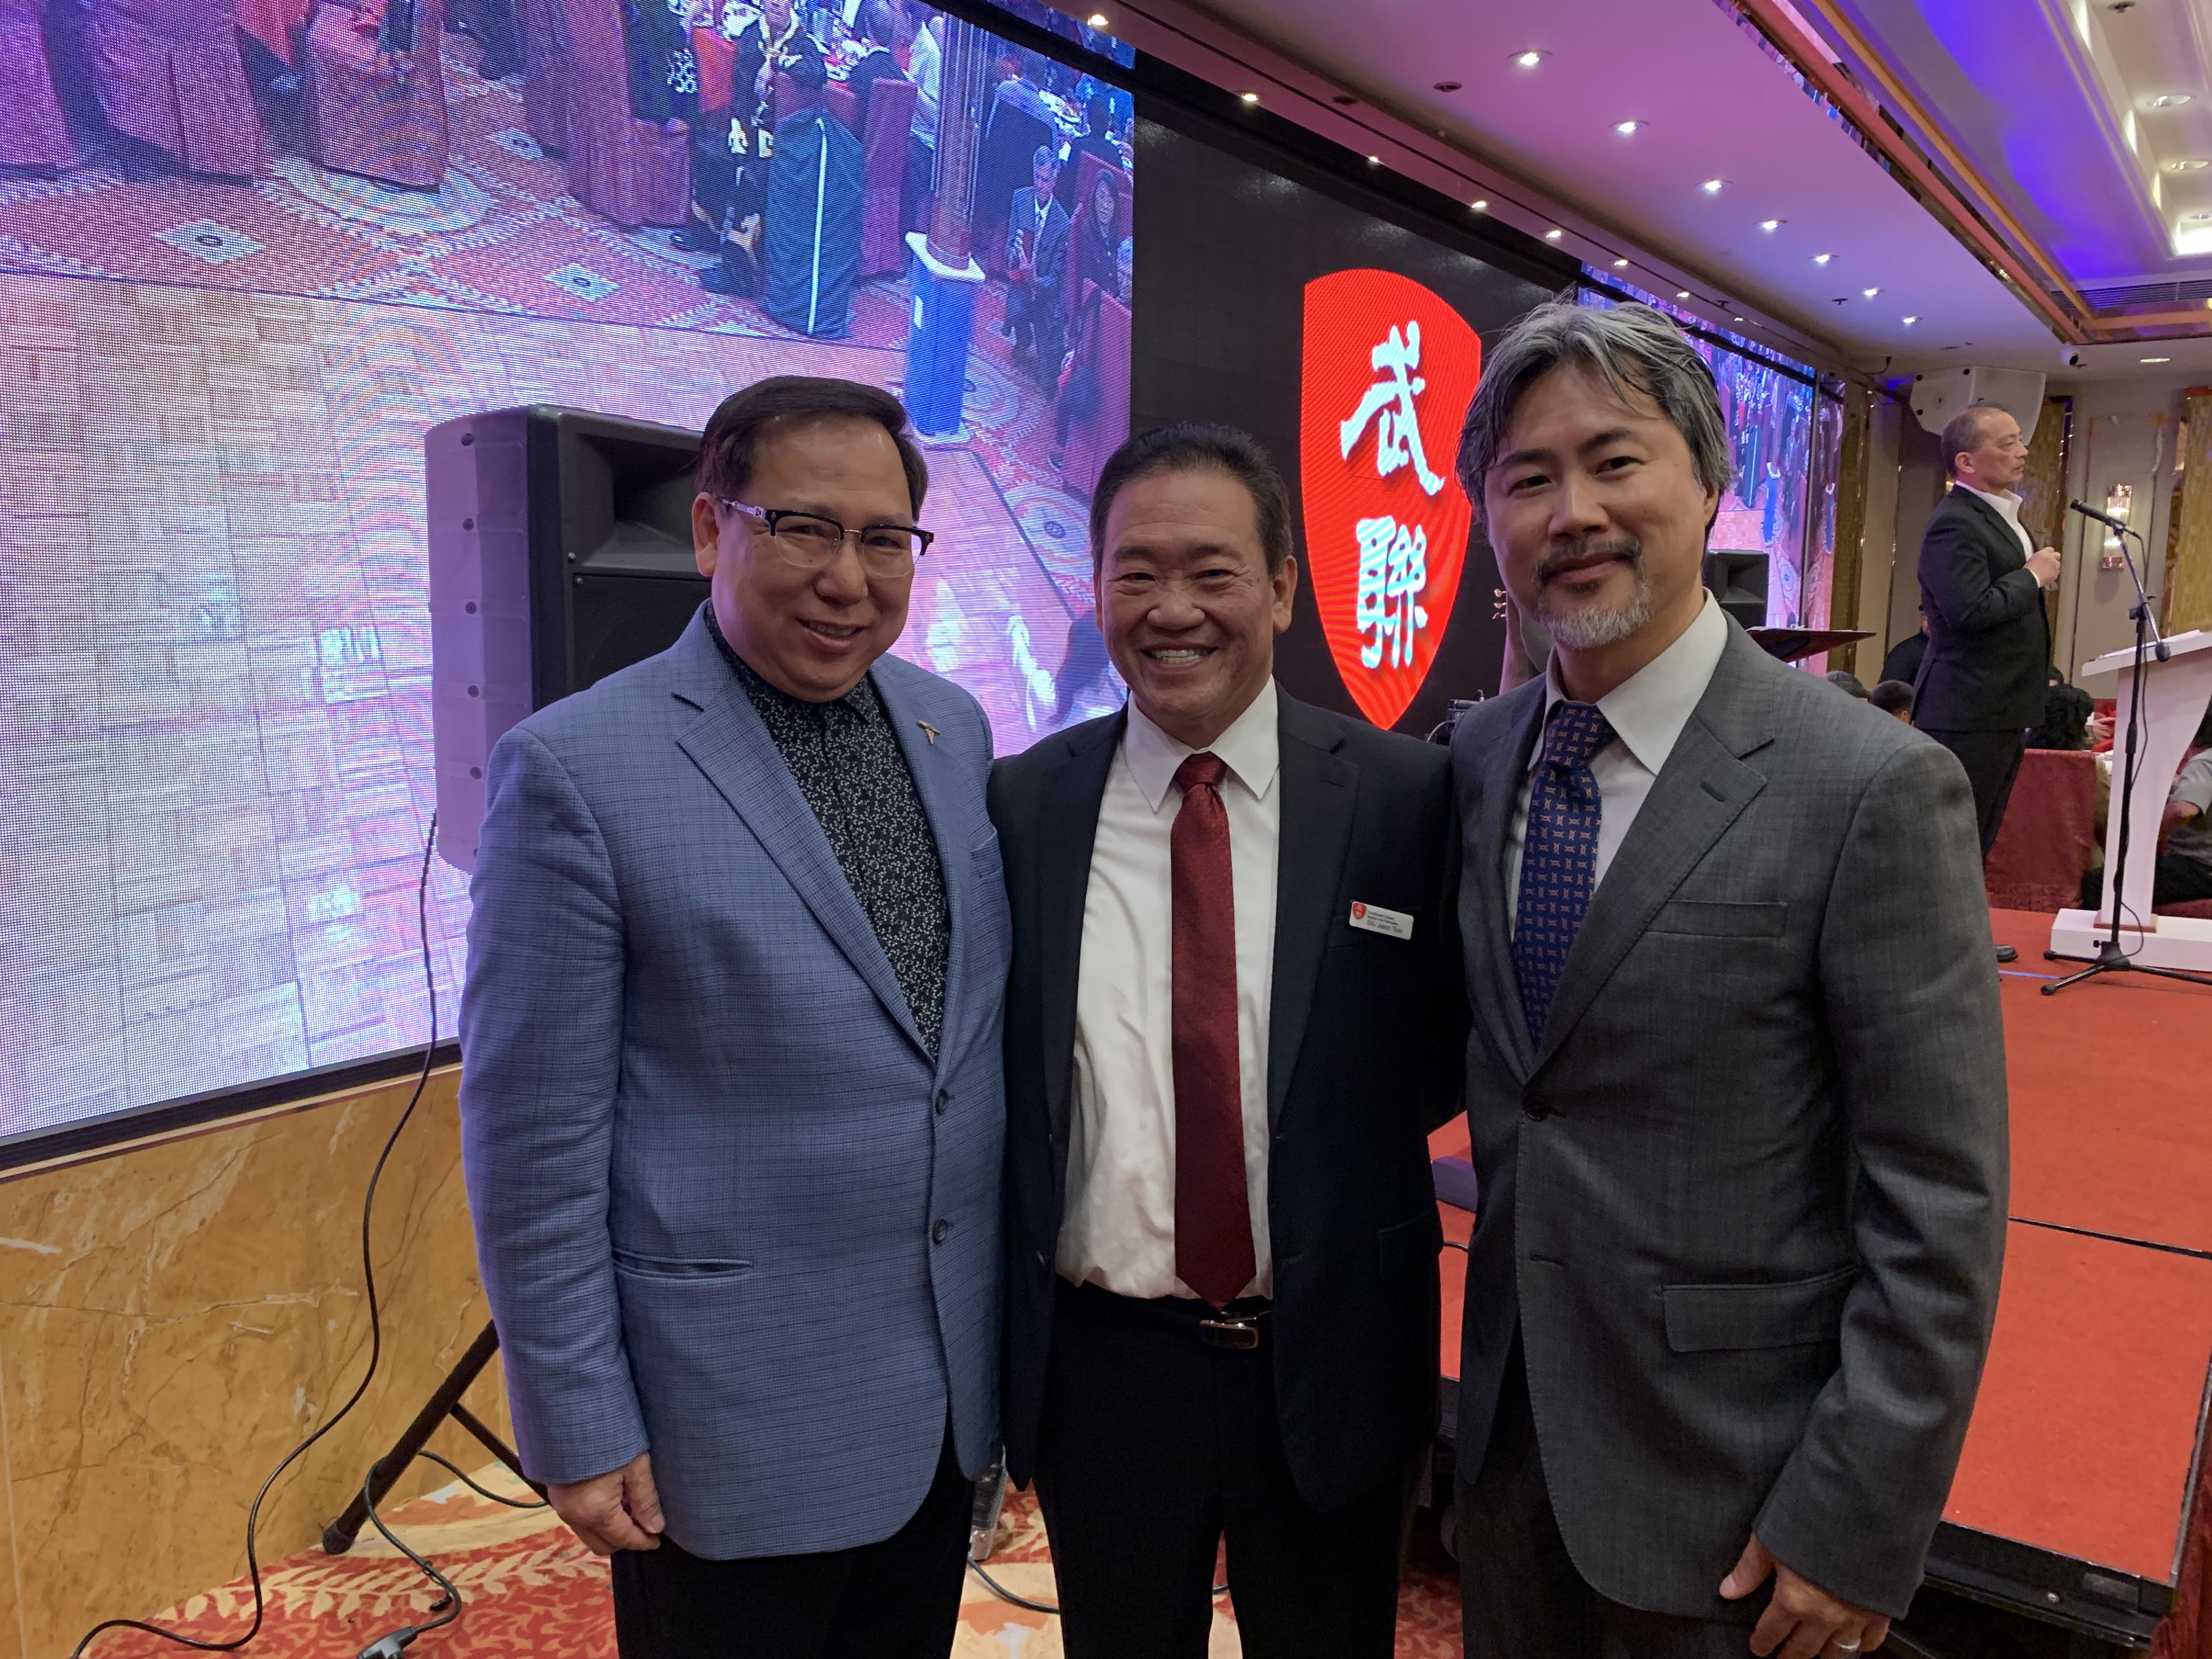 羅省中華總商會主席莊佩源(左)、會長陳嘉汶(右)與美國傳統武術聯盟總裁鄒家驤合影。記者黃品瑄攝